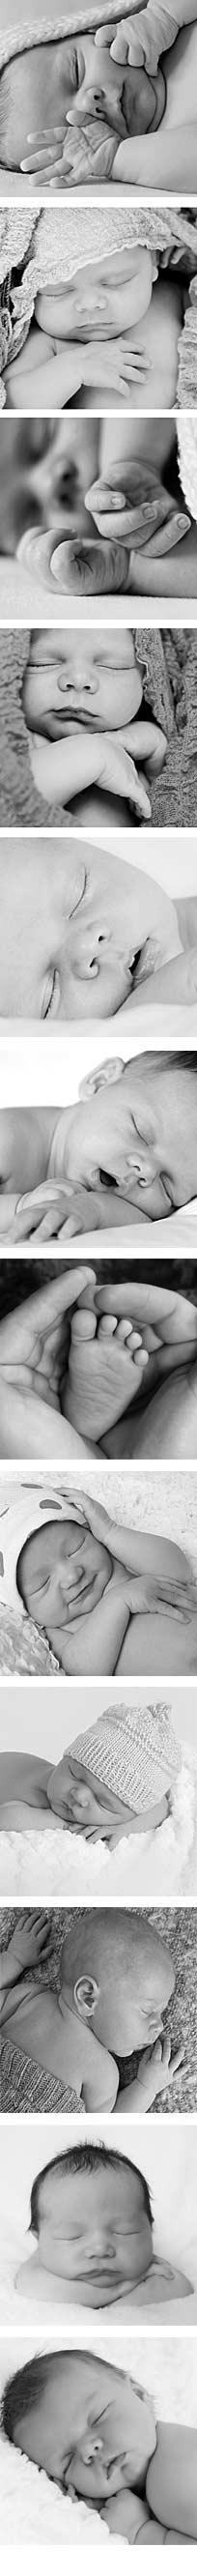 babies-sleeping